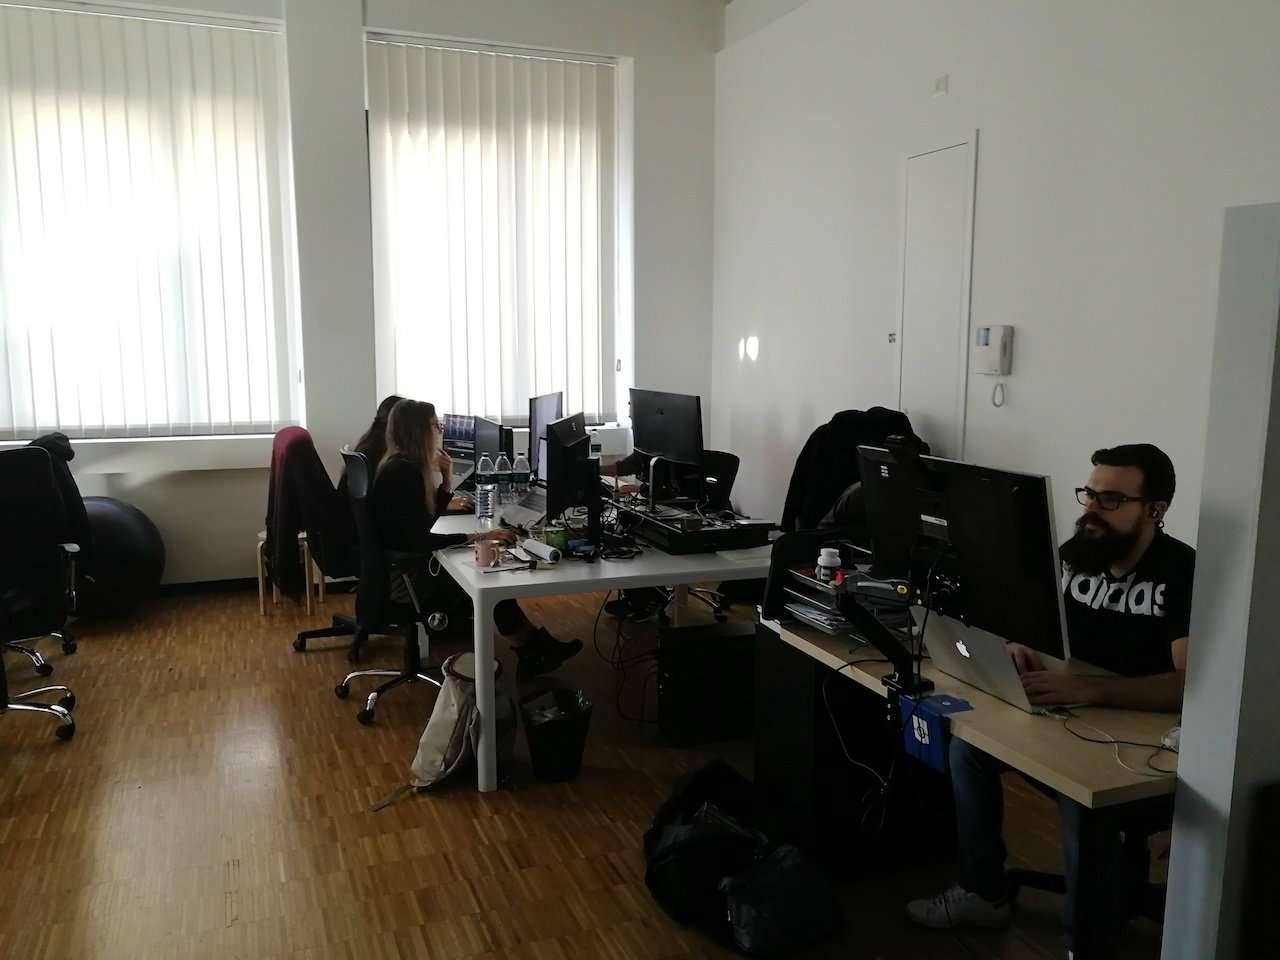 Ufficio-studio in Affitto a Milano 25 Cassala / Famagosta / Lorenteggio / Barona: 4 locali, 140 mq